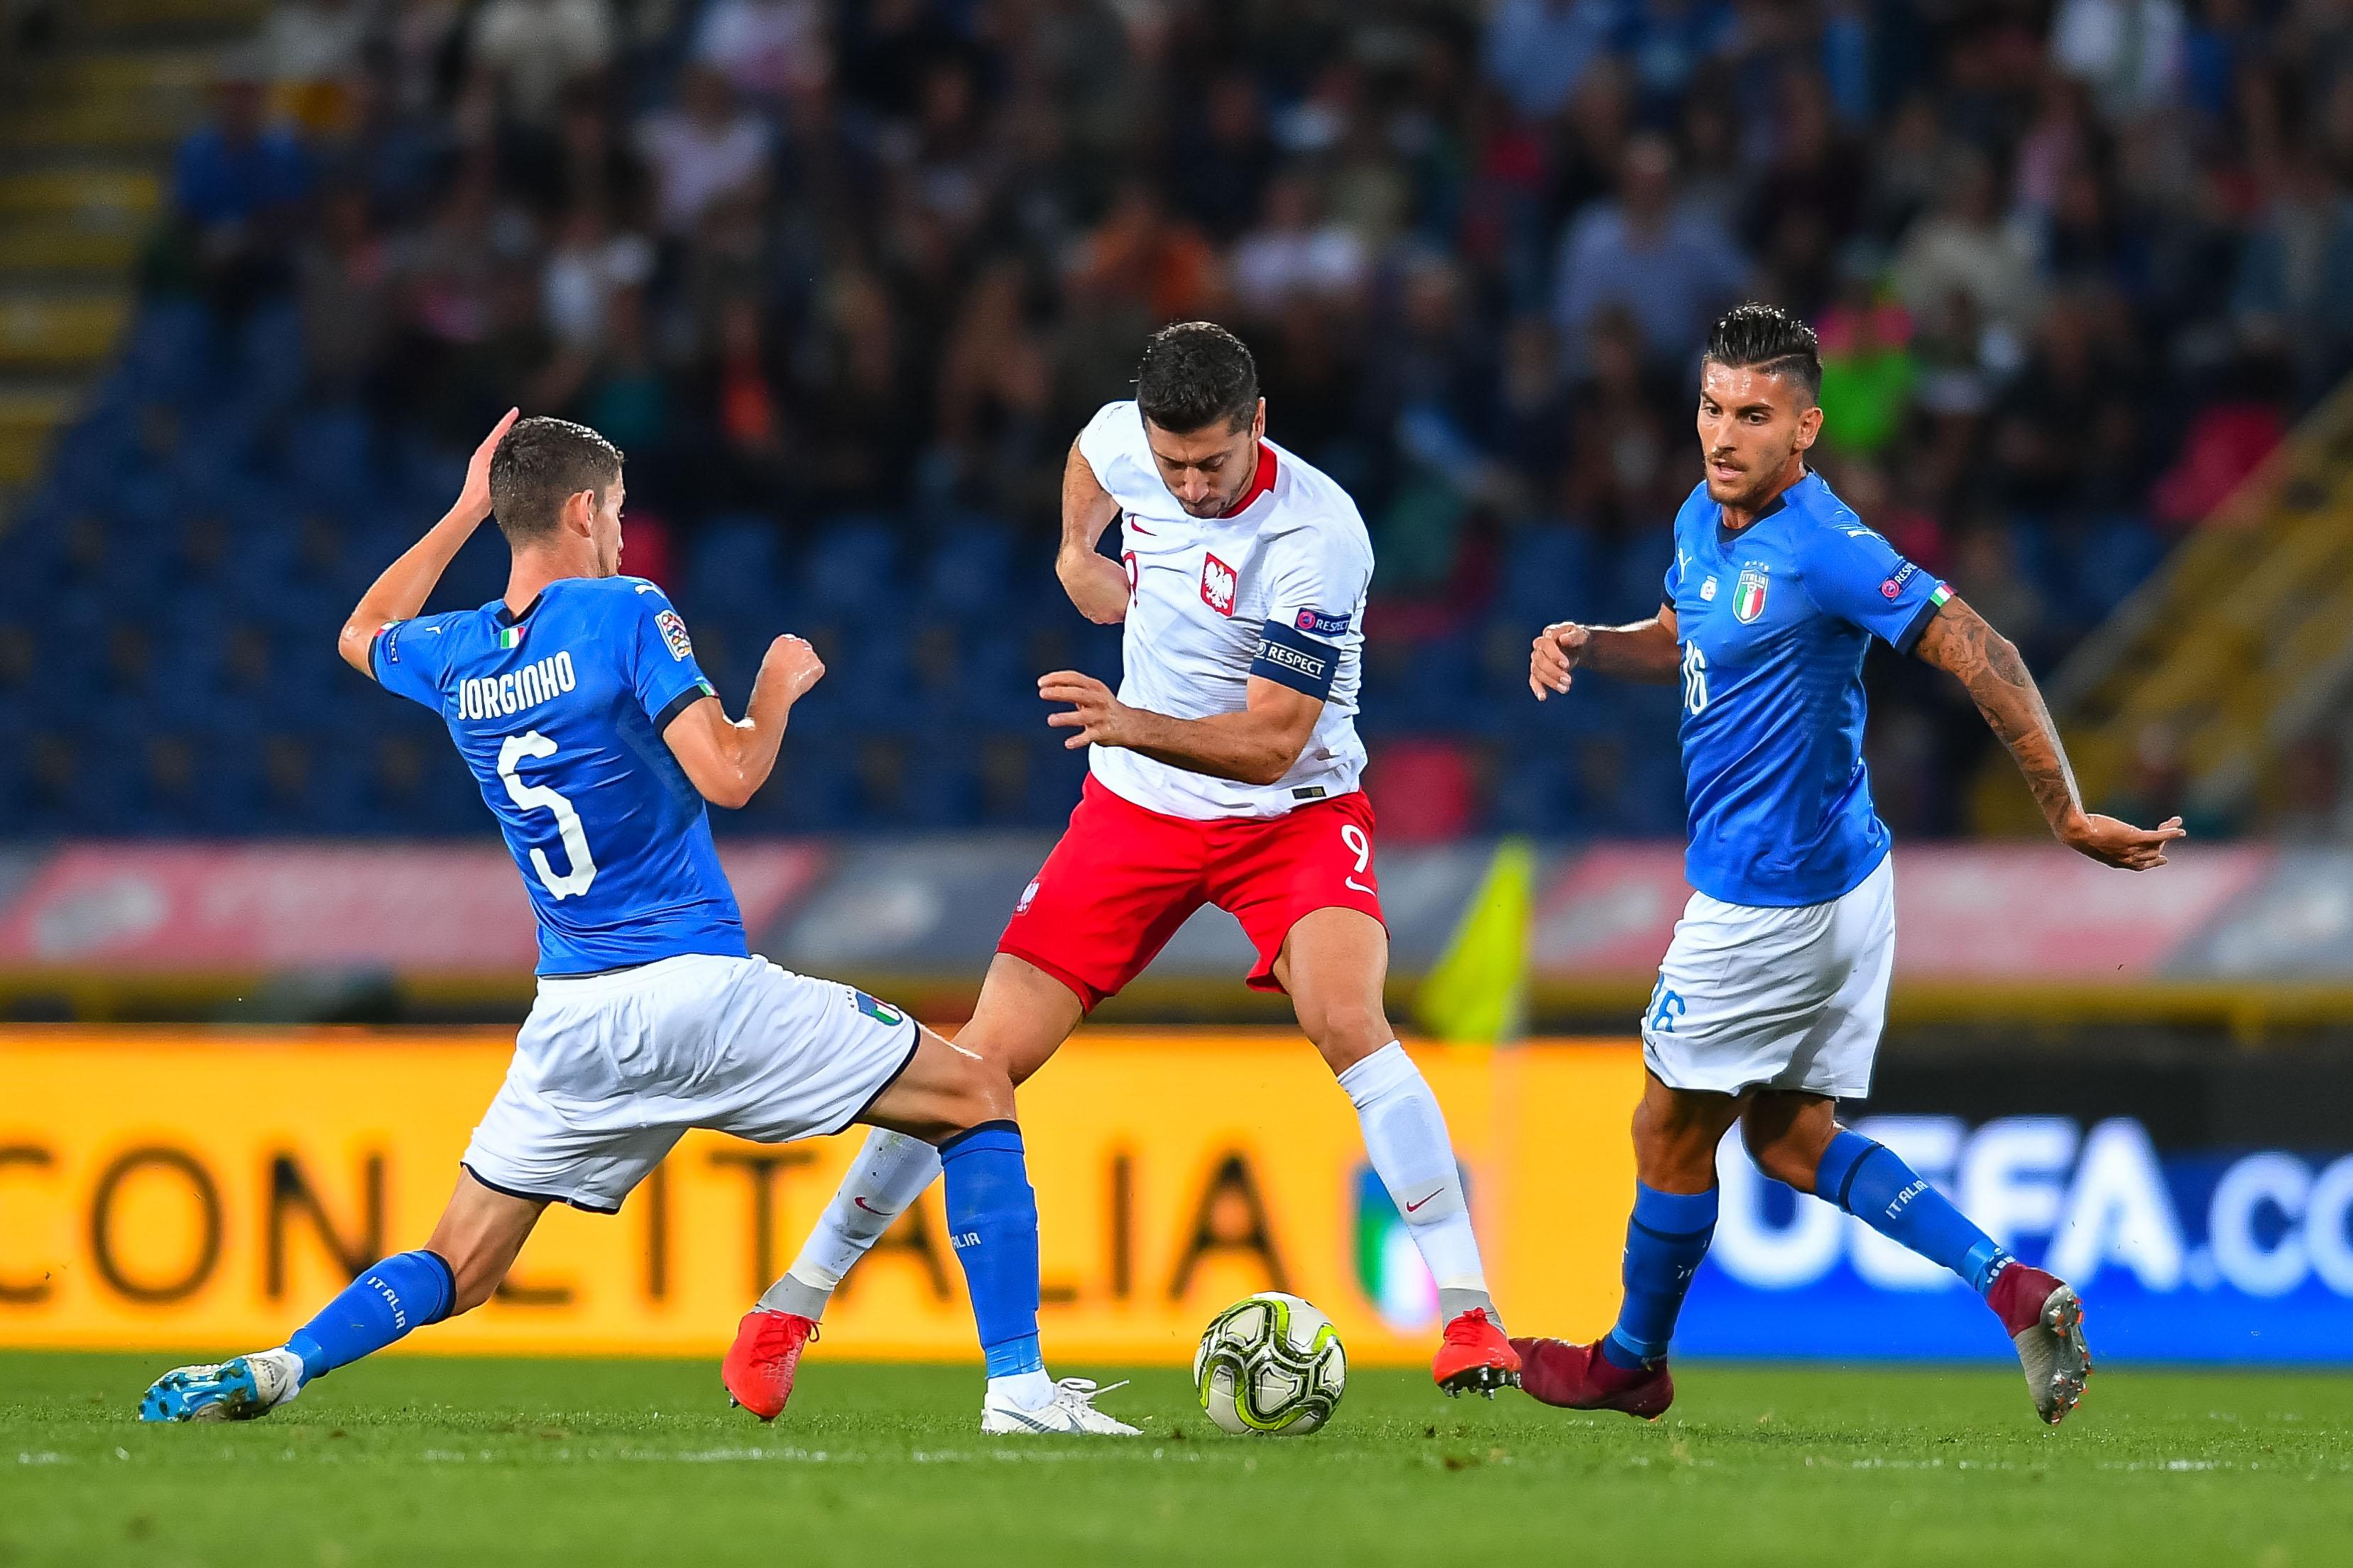 2018.09.07, Bolonia, Pilka nozna , UEFA Liga Narodow, Wlochy - Polska N/z: Robert Lewandowski, Foto Pawel Andrachiewicz / PressFocus